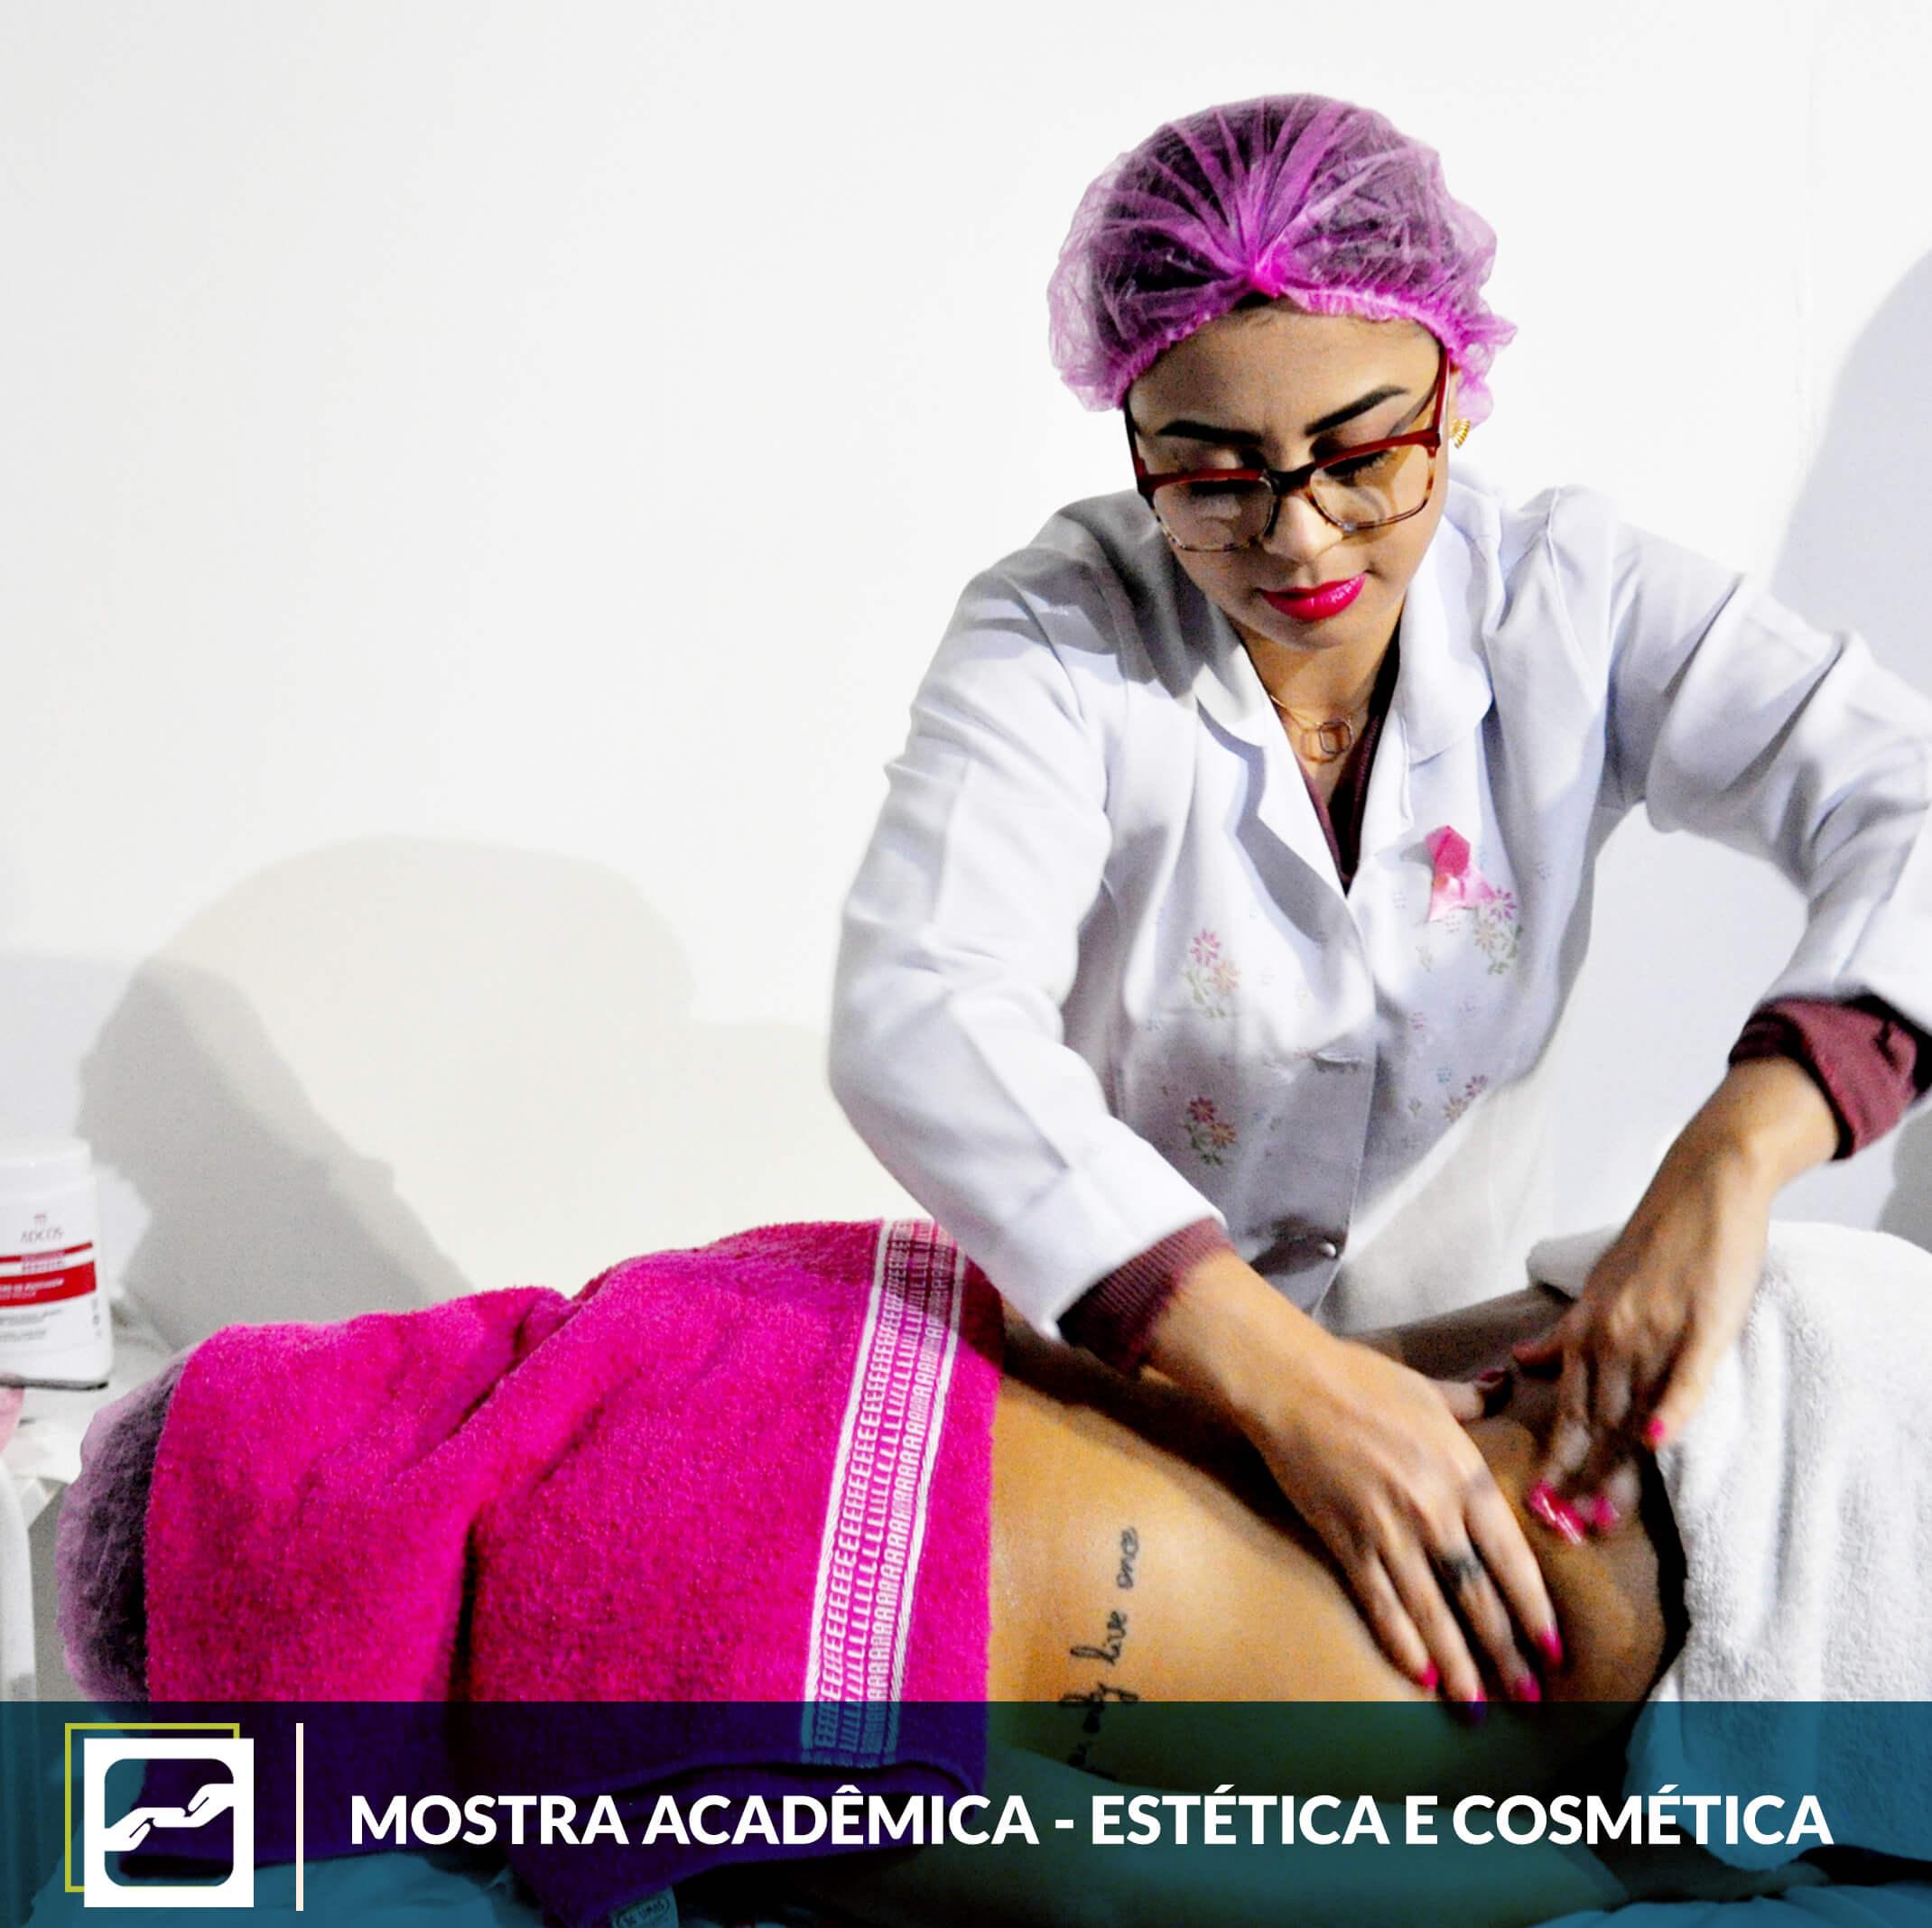 mostra-academia-estetica-cosmetica-famesp-43